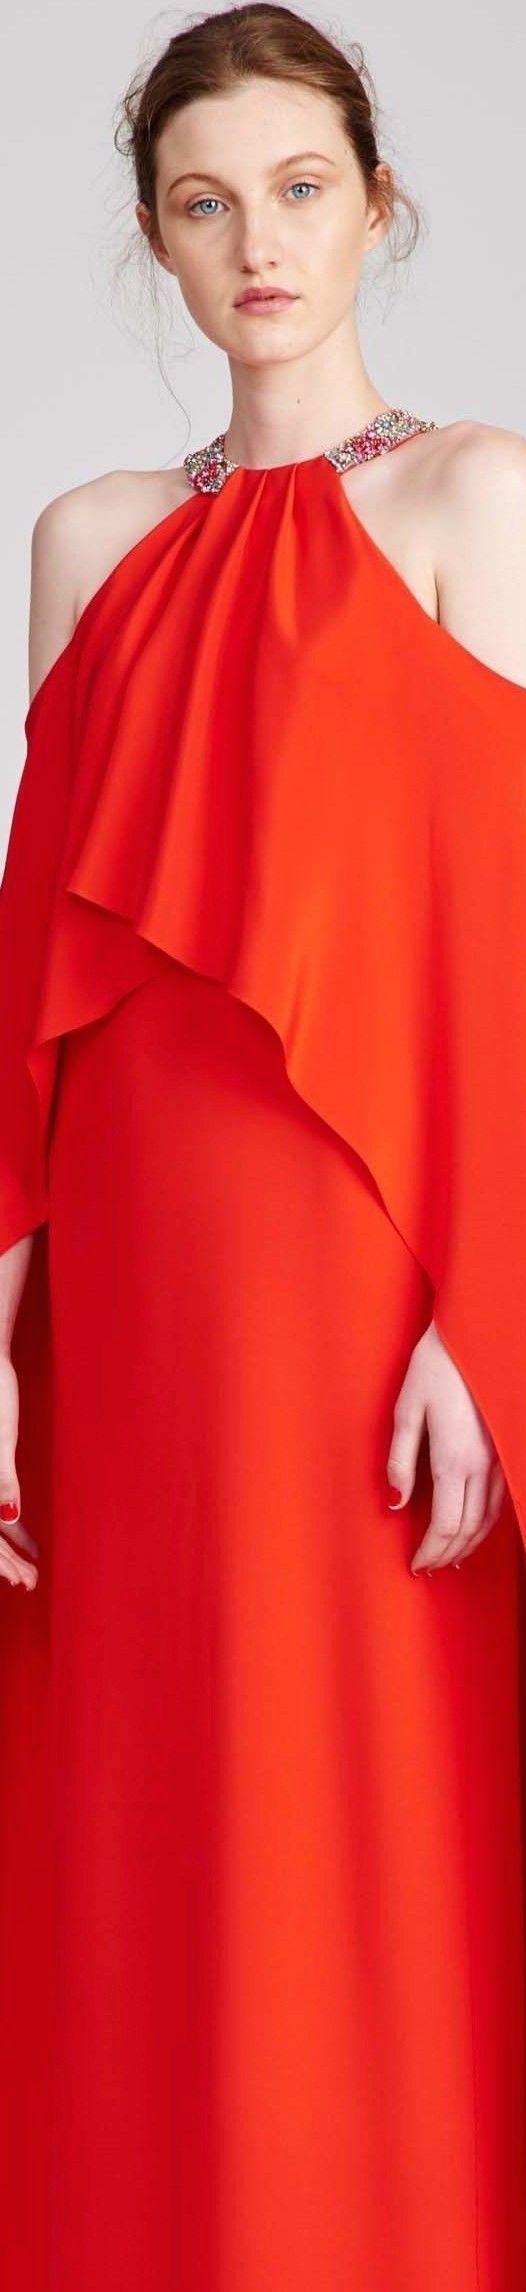 De la colección 2017 de Munsoo Kwon Seoul, un vestido de cóctel largo que seguro llamará la atención.